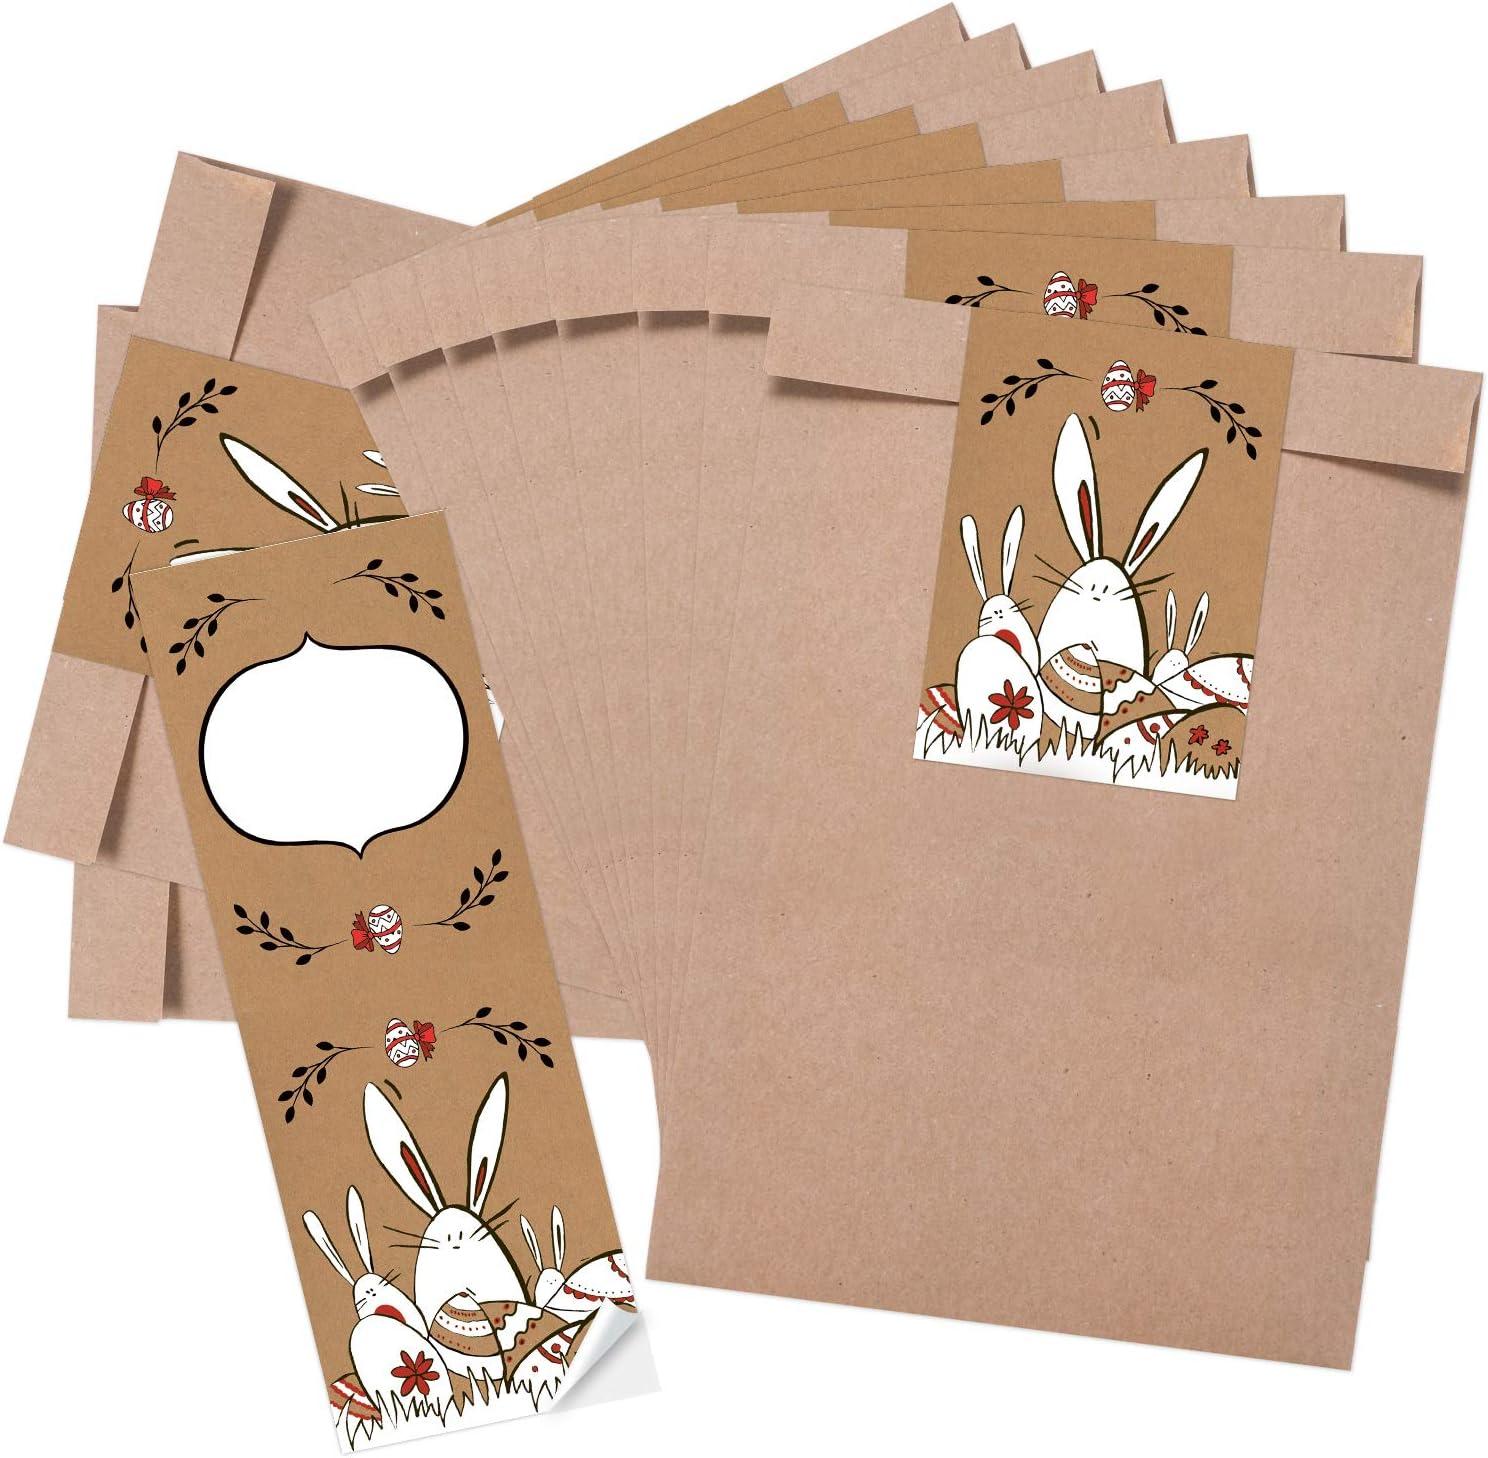 16,5 x 26 x 6,6 cm con coniglietto pasquale adesivo 7,2 x 21 cm 25 pezzi Logbuch-Verlag Busta di carta kraft per Pasqua